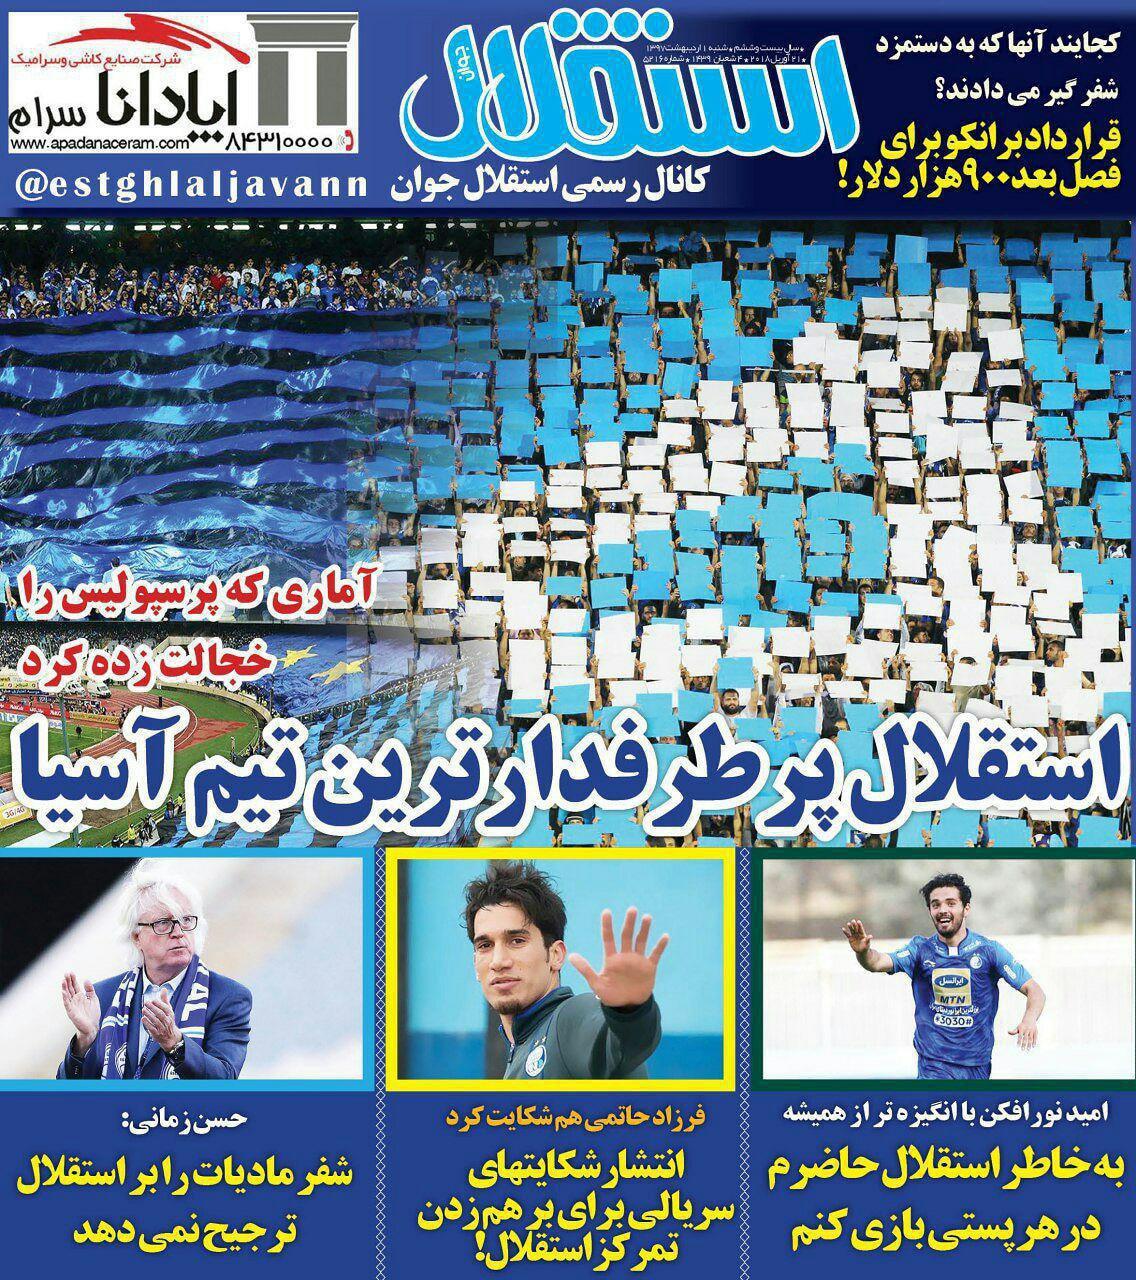 عناوین روزنامههای ورزشی ۱ اردیبهشت ۹۷/ پروژه فشار به رئیس جمهور +تصاویر